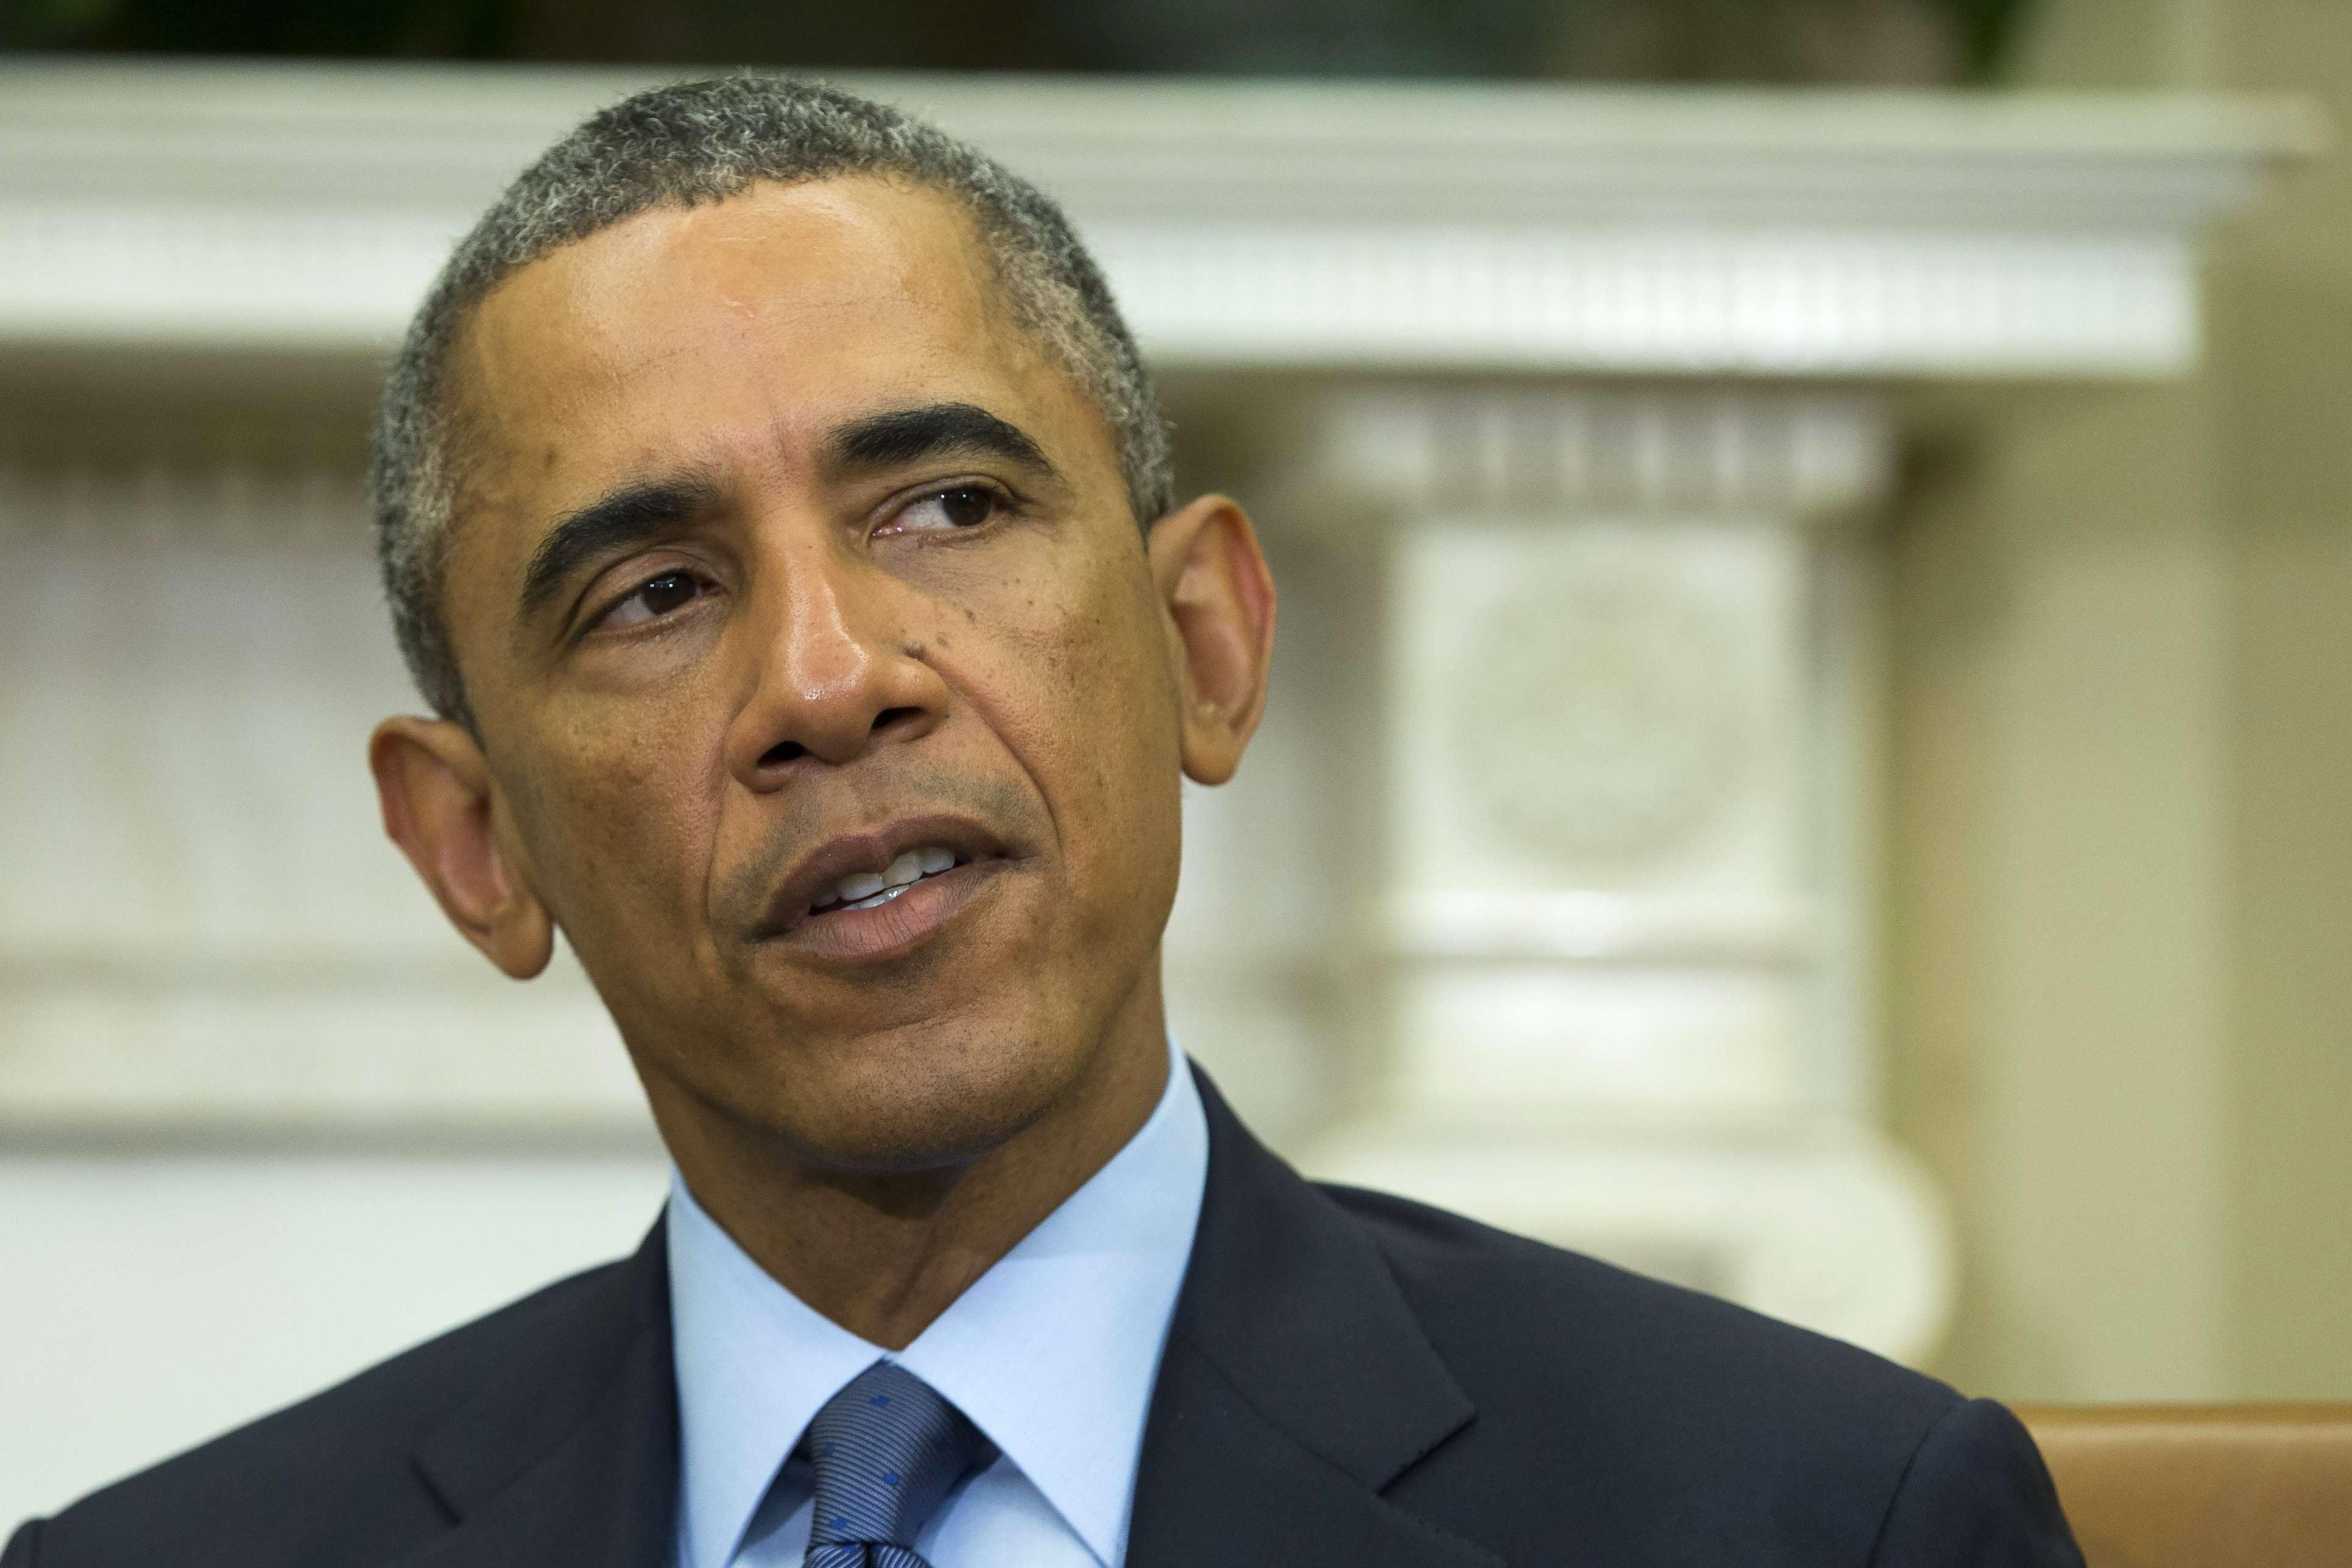 El desarme nuclear ha sido una de las metas del presidente Obama desde que llegó a la Casa Blanca. Foto: AP en español